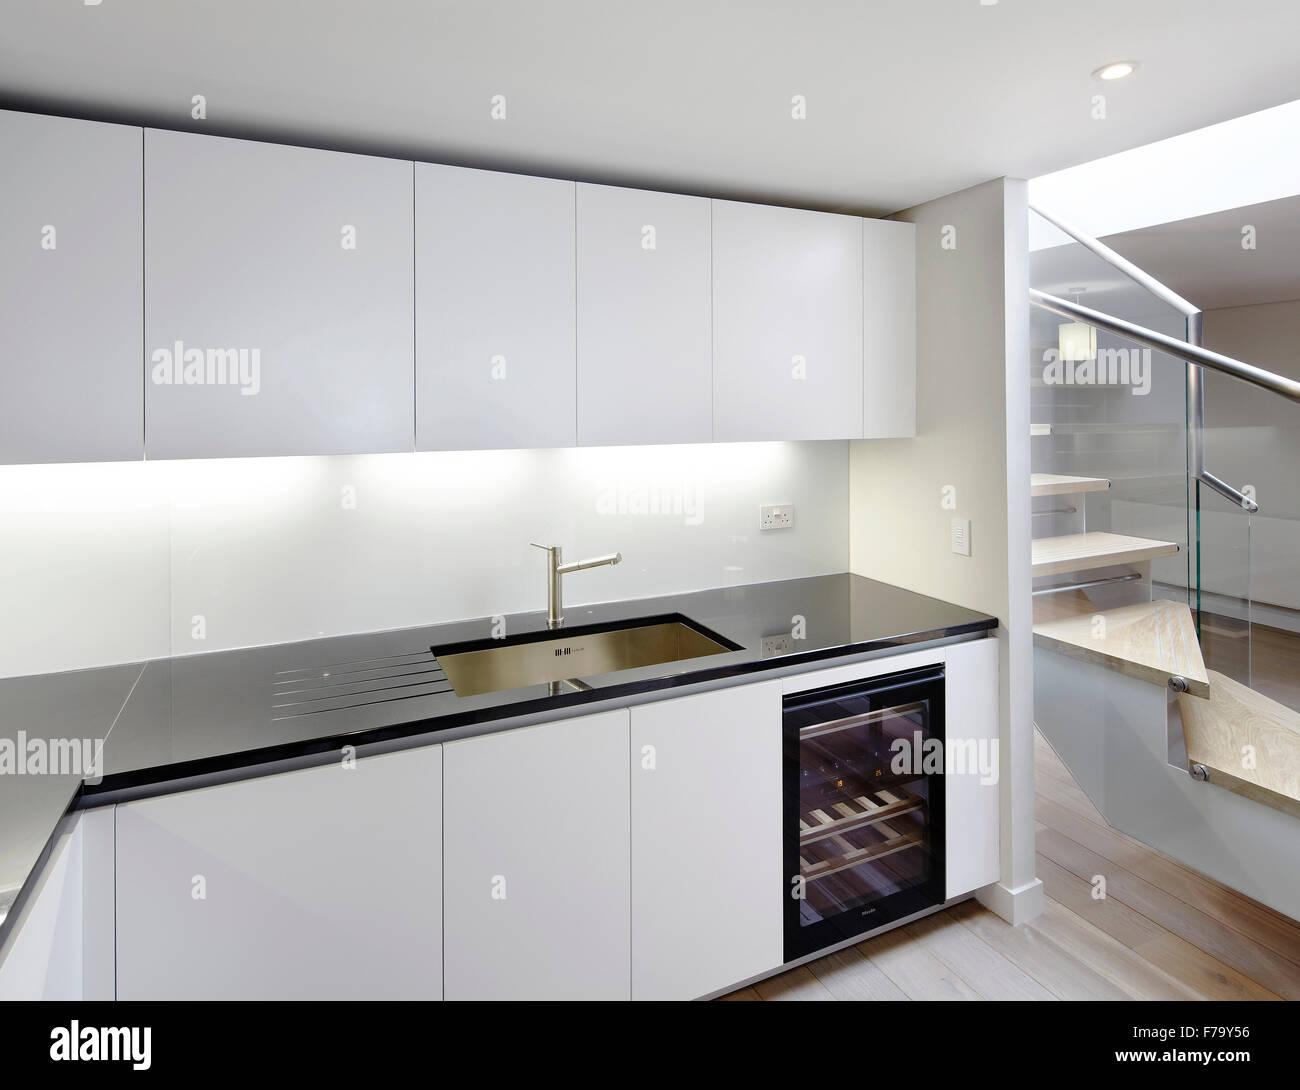 Küche mit modernen Weinkühlschrank in Strata Tower, London ...